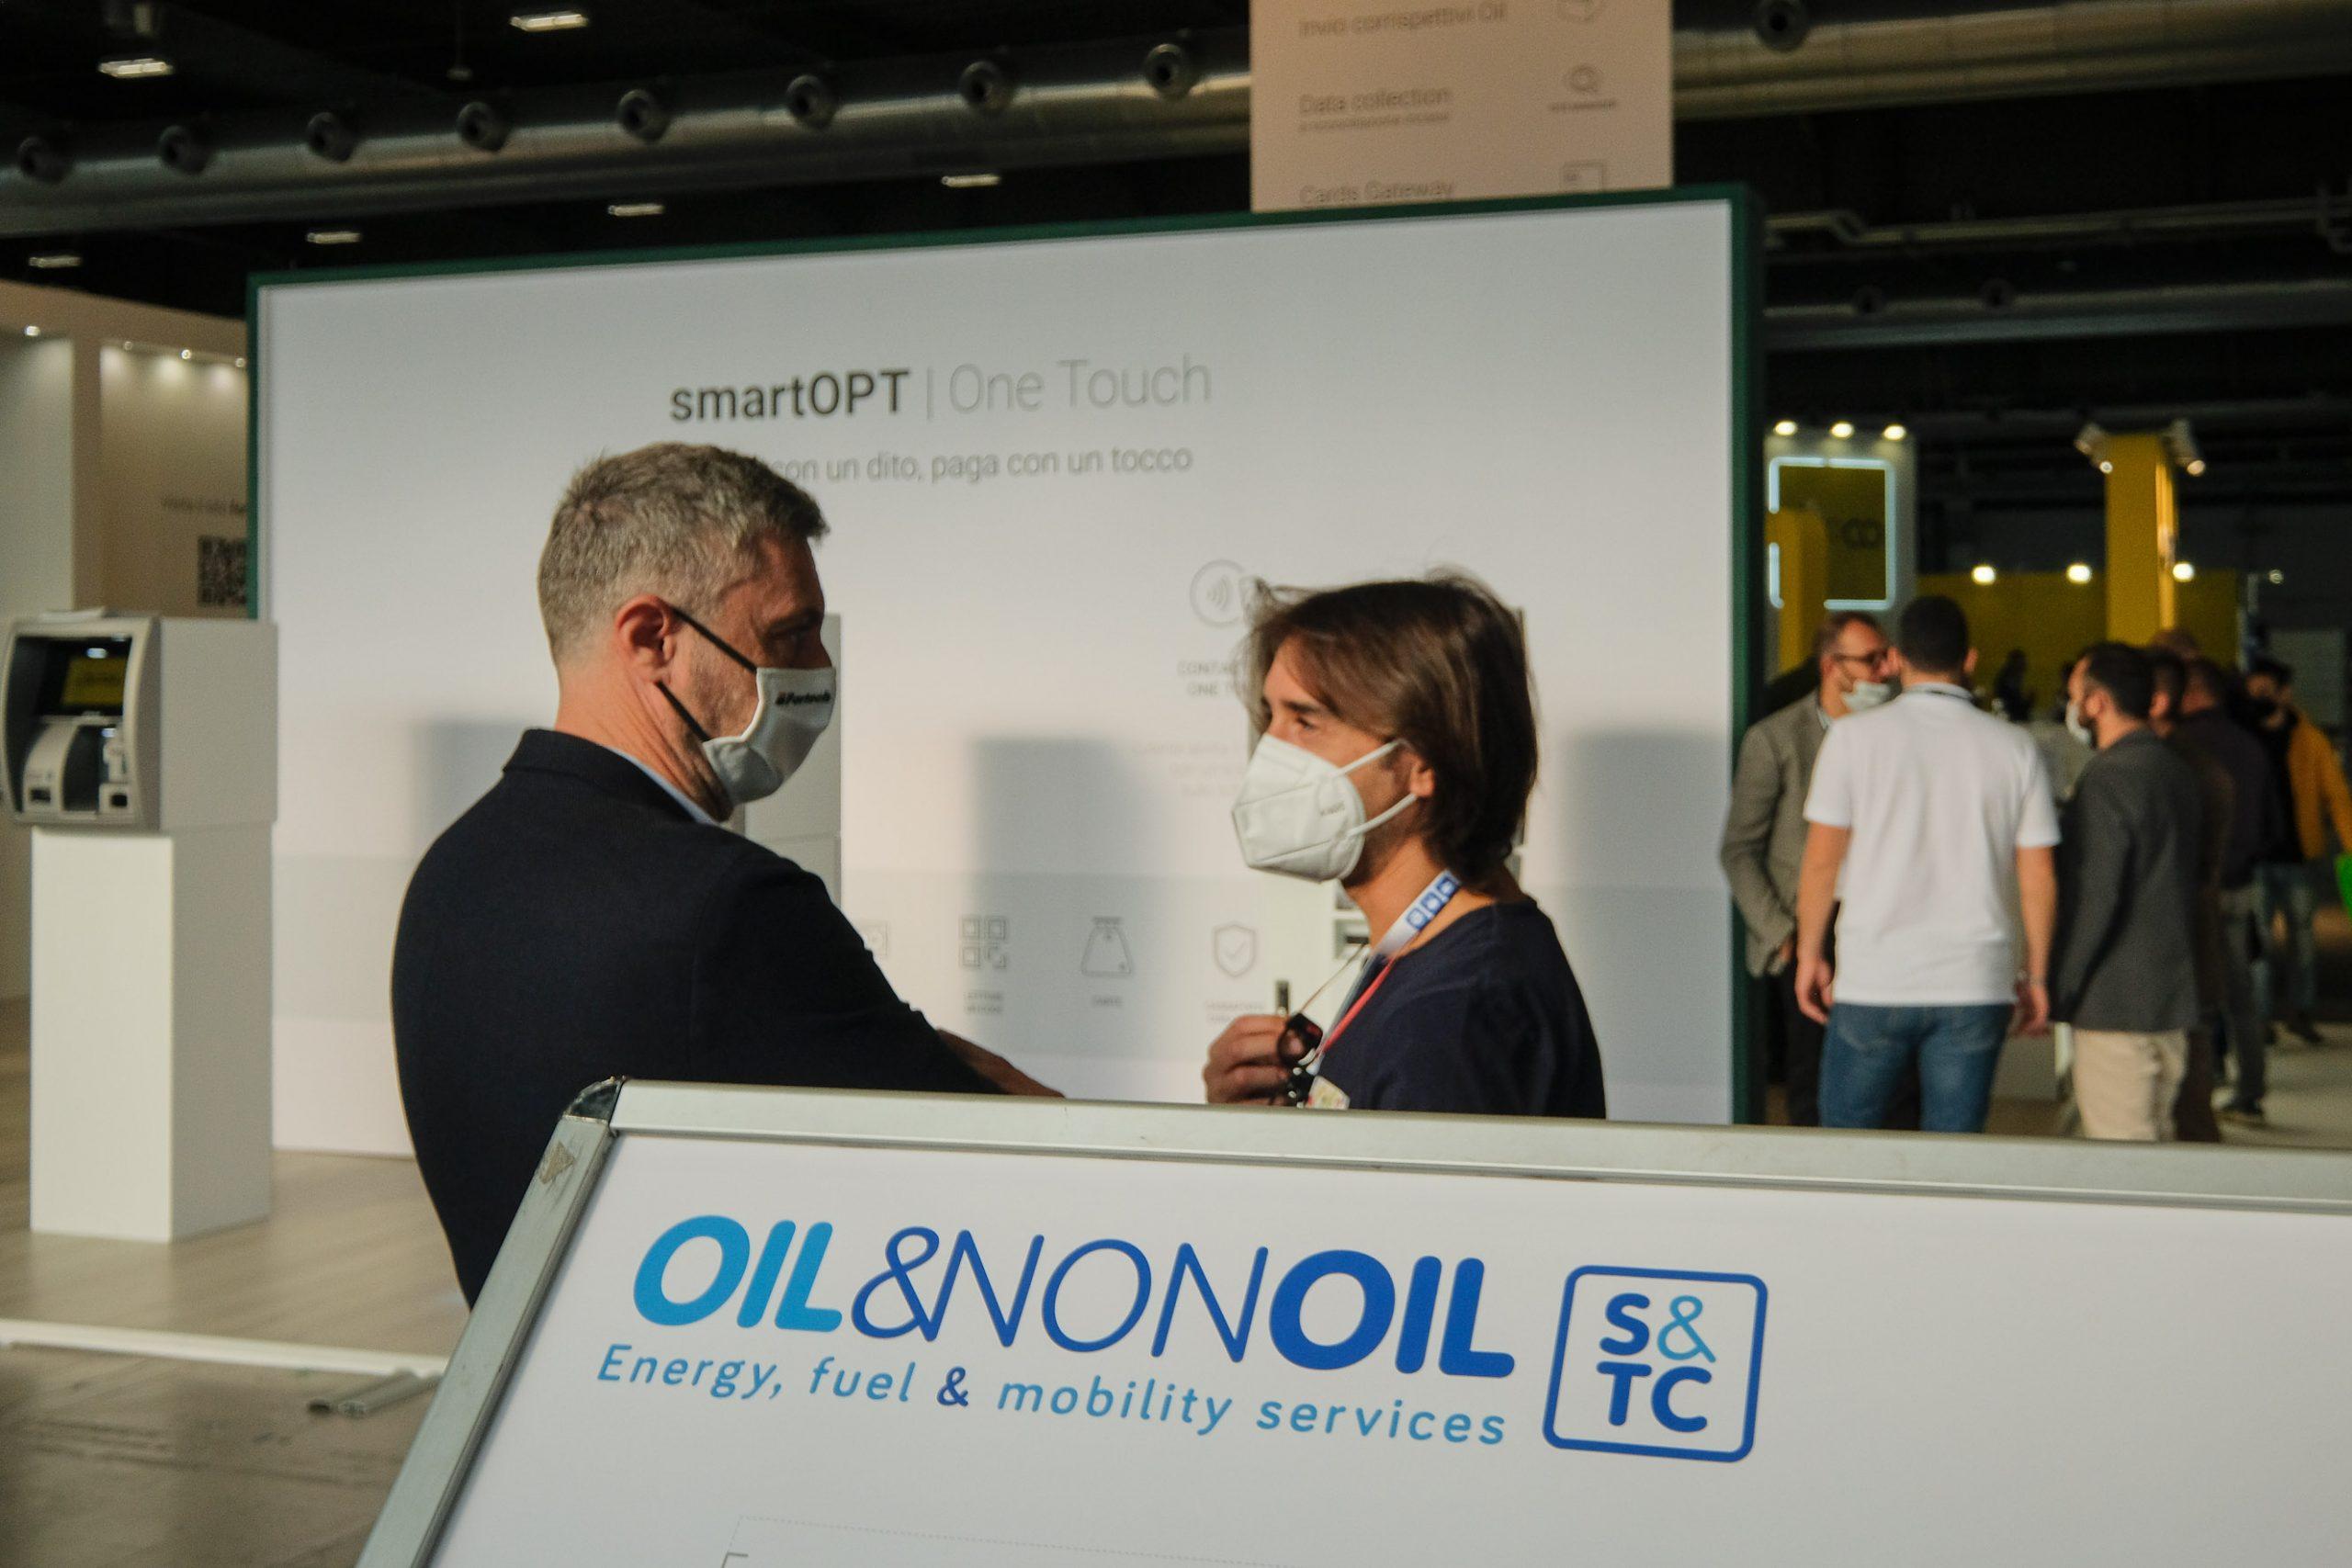 Oil&nonOil: razionalizzazione della rete, dopo l'anagrafe dei carburanti gli operatori chiedono un passo avanti